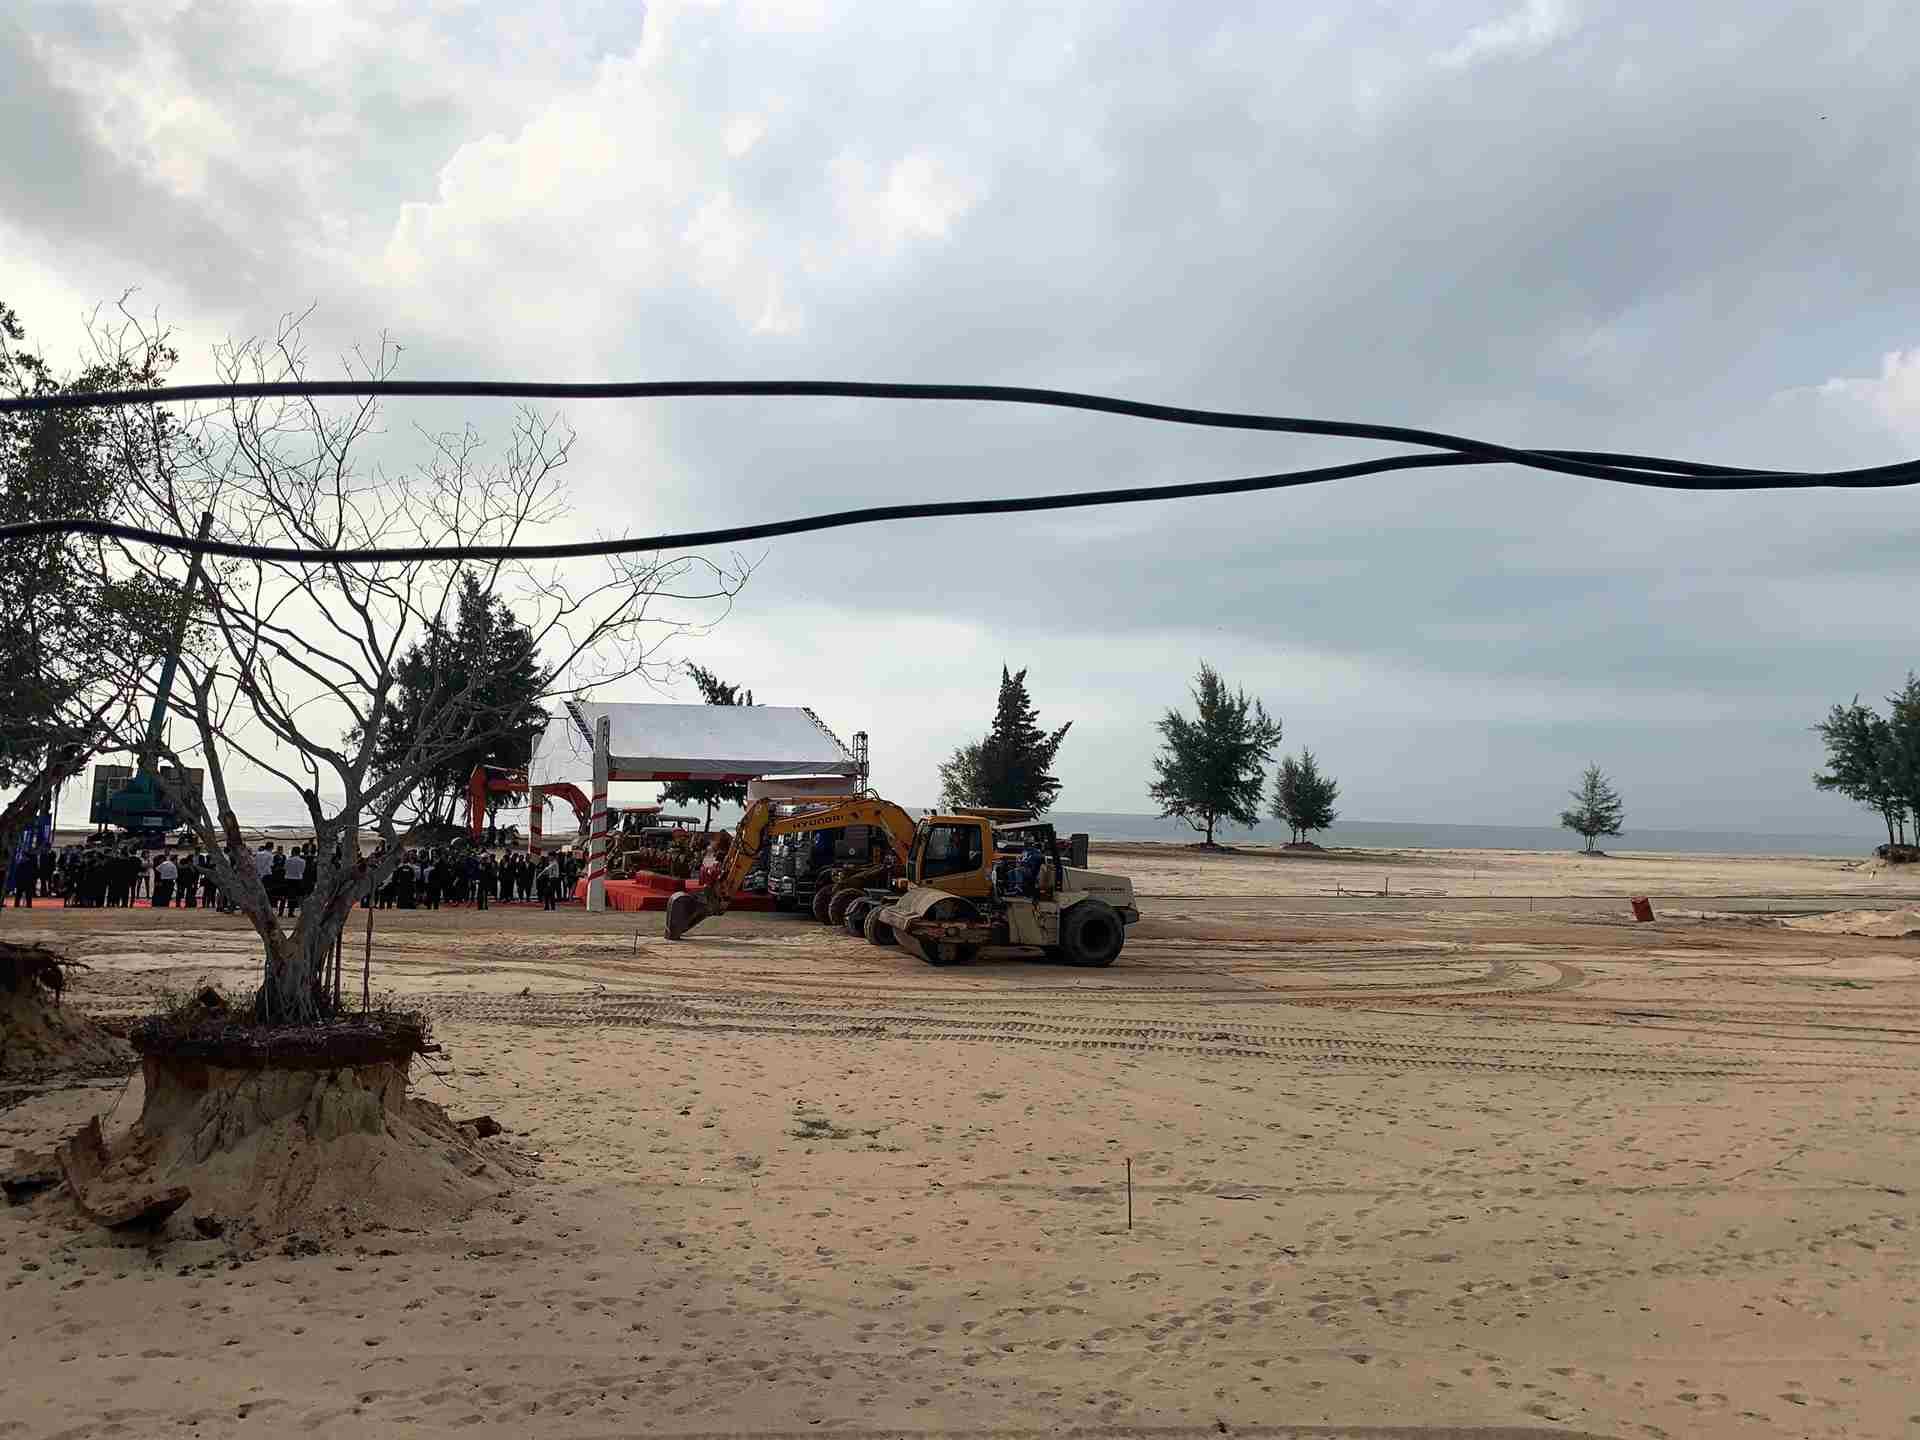 tien-do-xay-dung-habana-island-novaworld-ho-tram-novaland-le-dong-tho-du-an